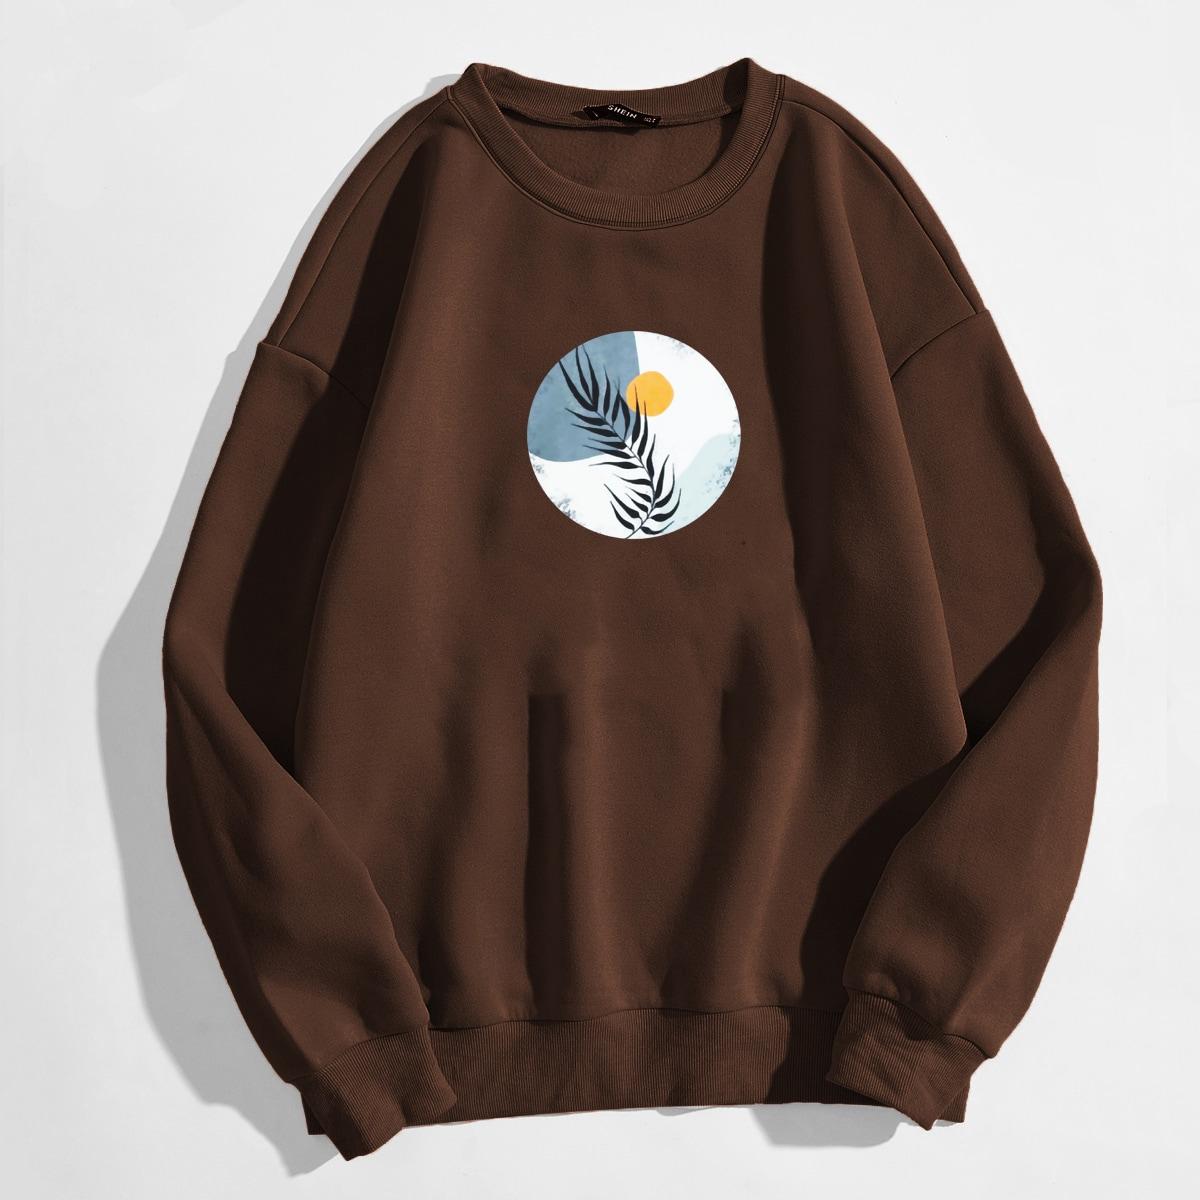 Leaf & Geo Print Thermal Lined Sweatshirt